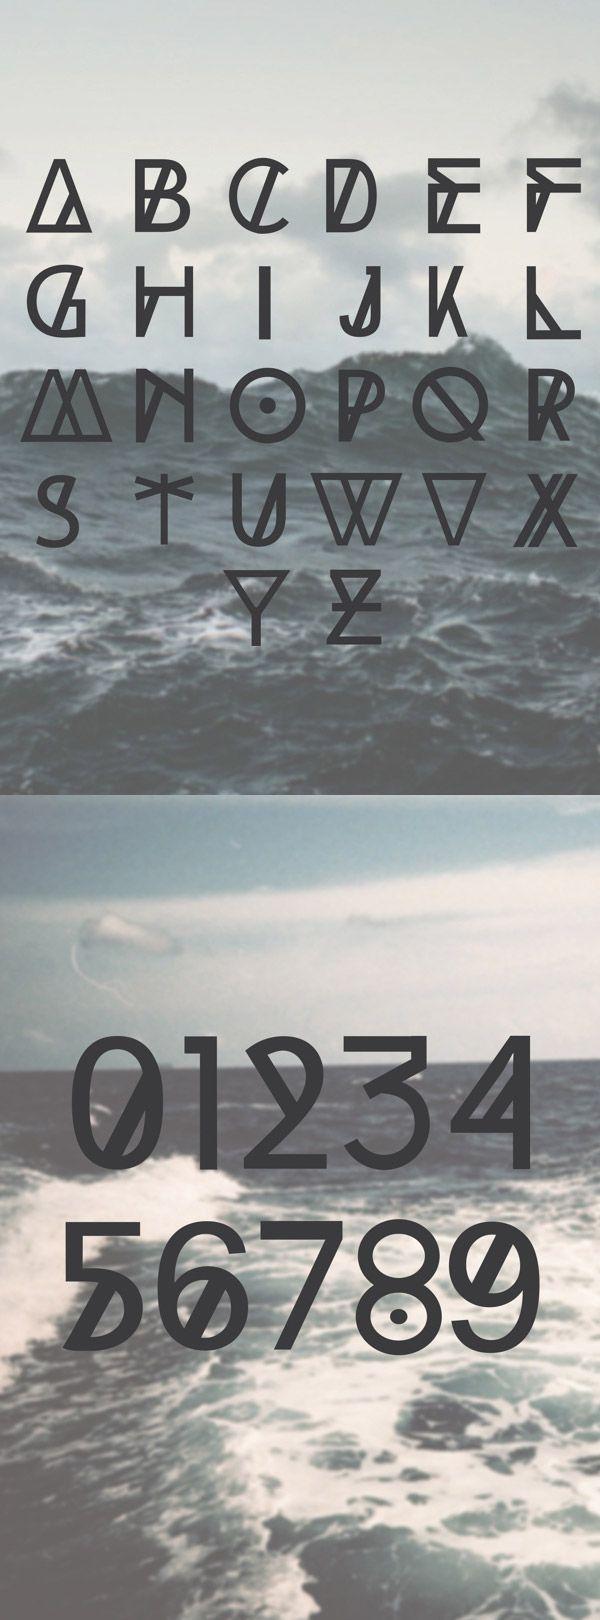 HIGH TIDE - Free Font